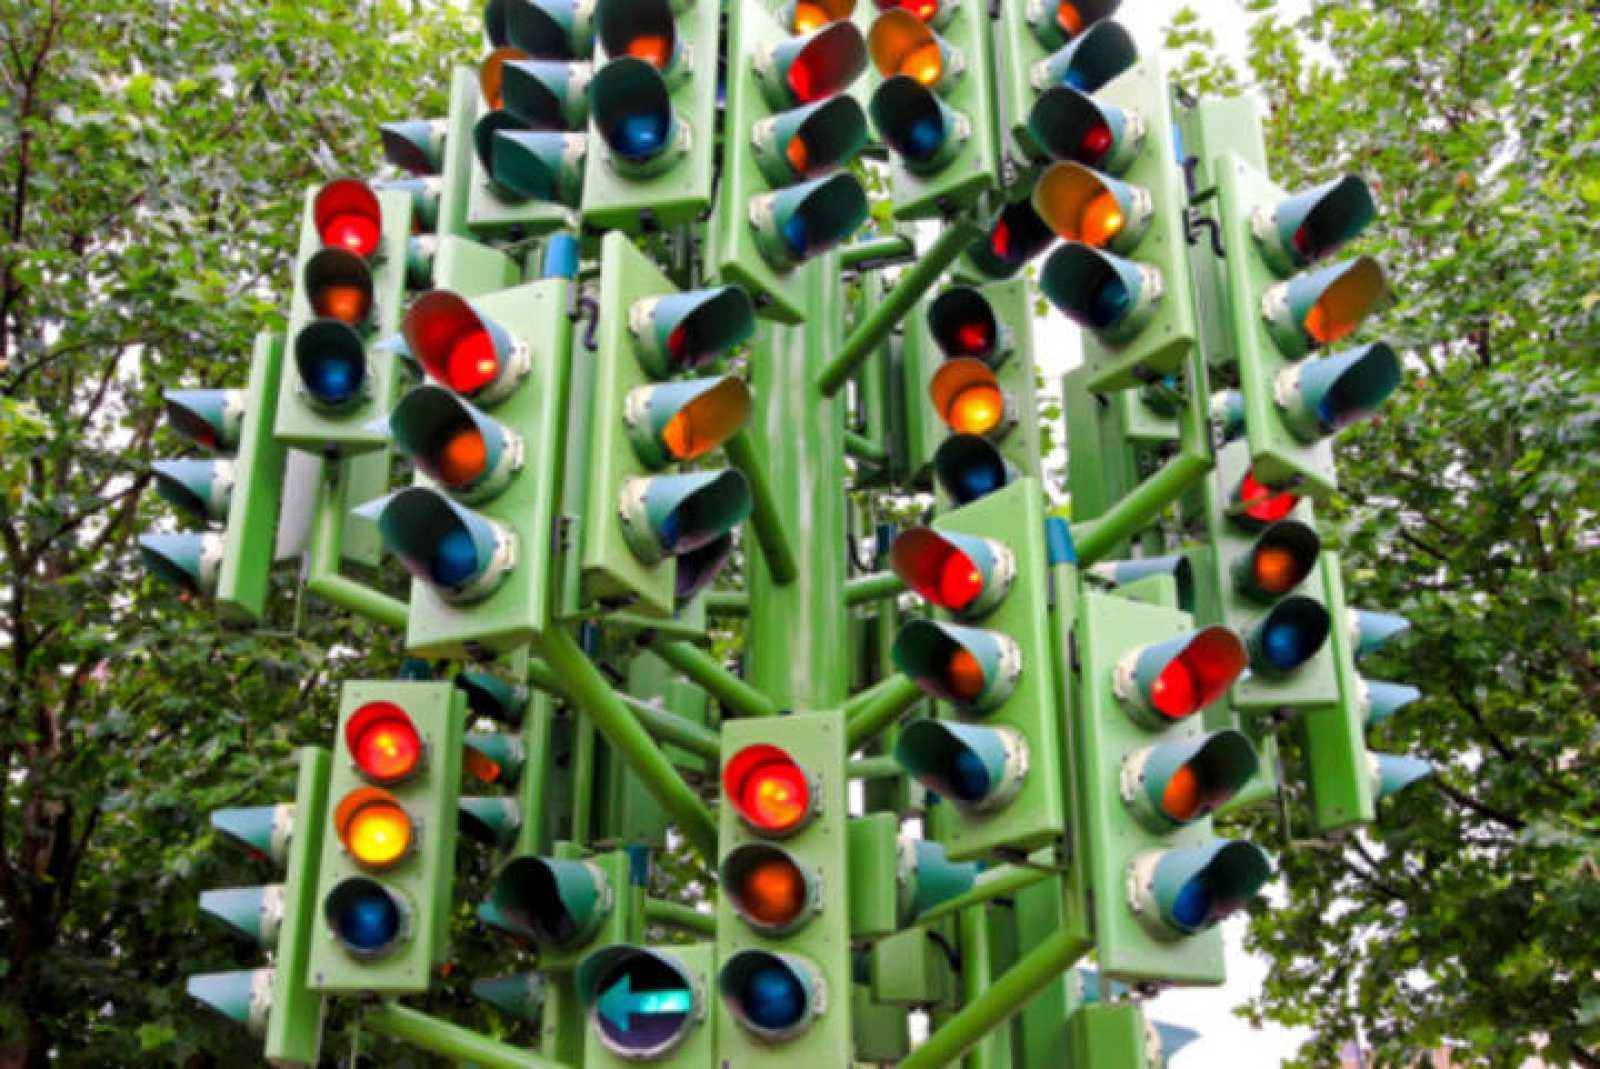 El sistema 'inteligente' permitiría reducir los atascos en ciudad y las emisiones contaminantes.